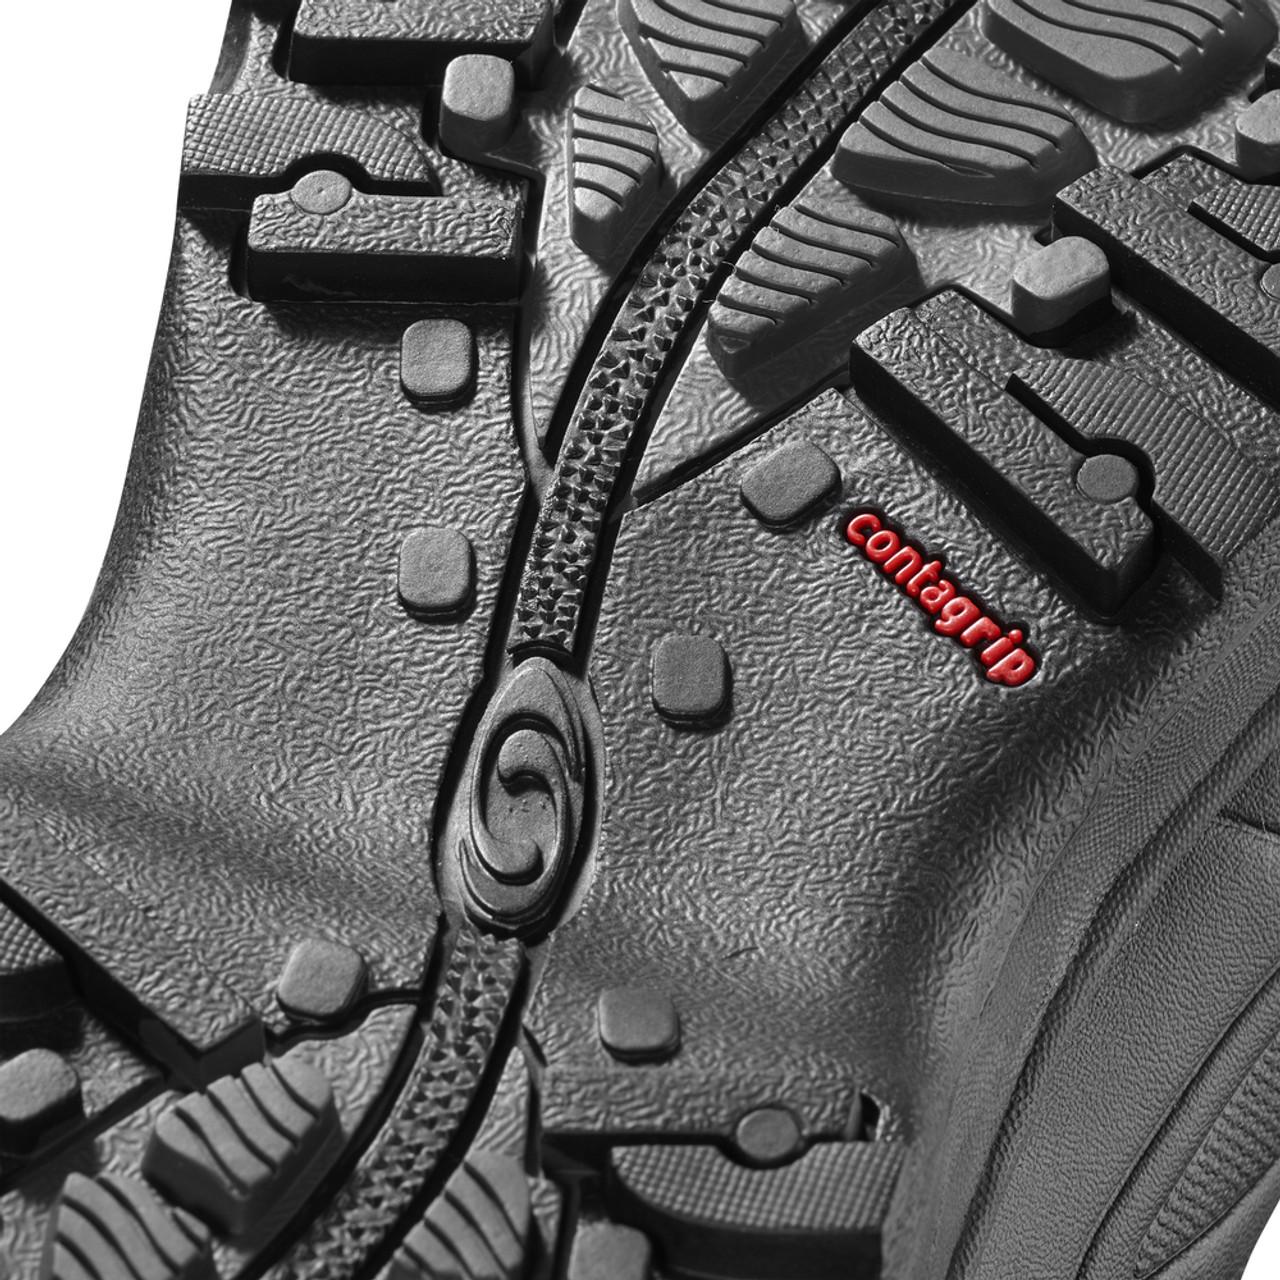 58b27b10e40 Salomon L4016500 Men's Toundra Forces Black Boots